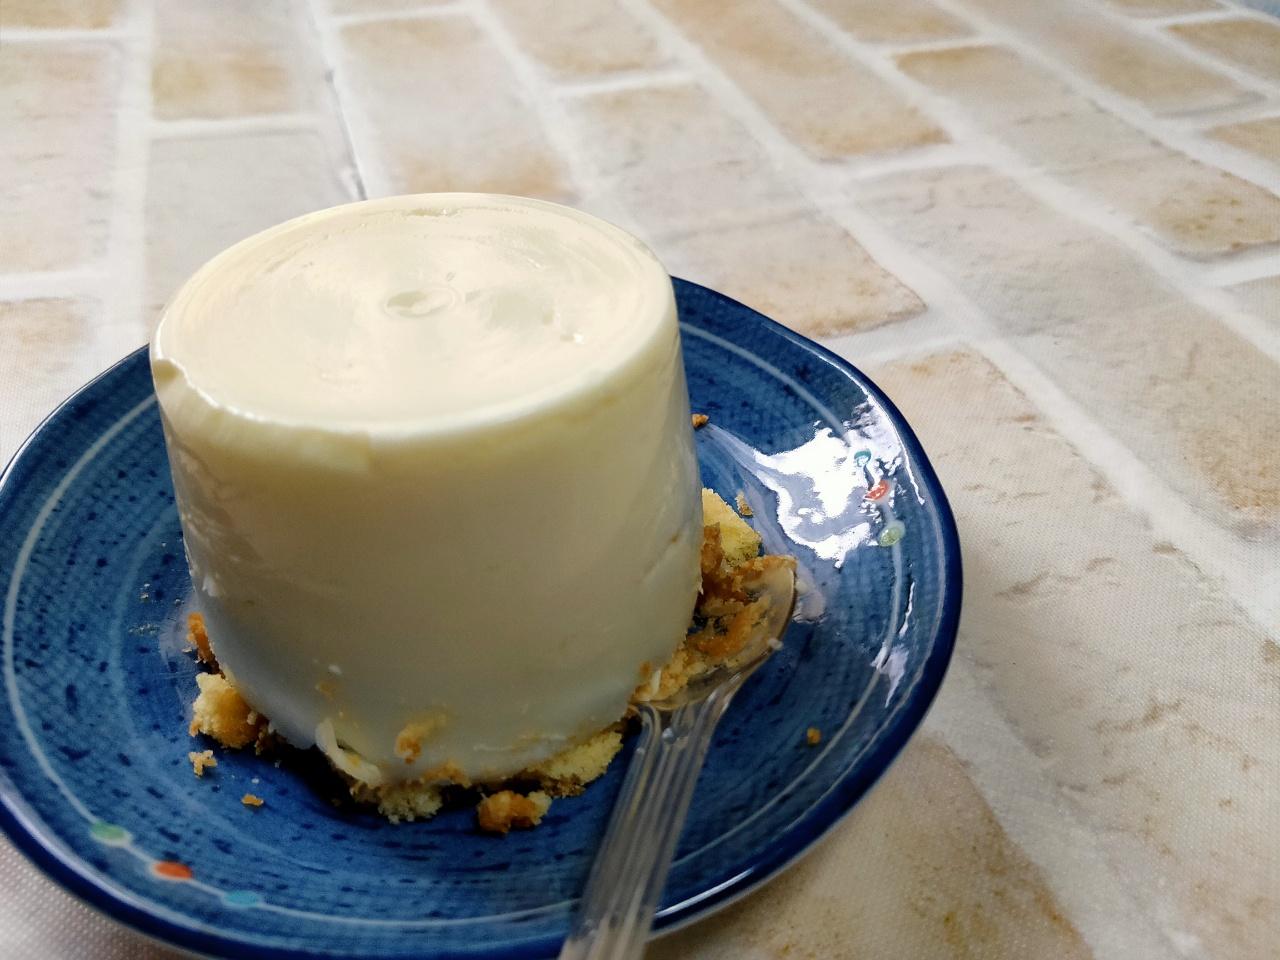 完成したレアチーズケーキがこちら